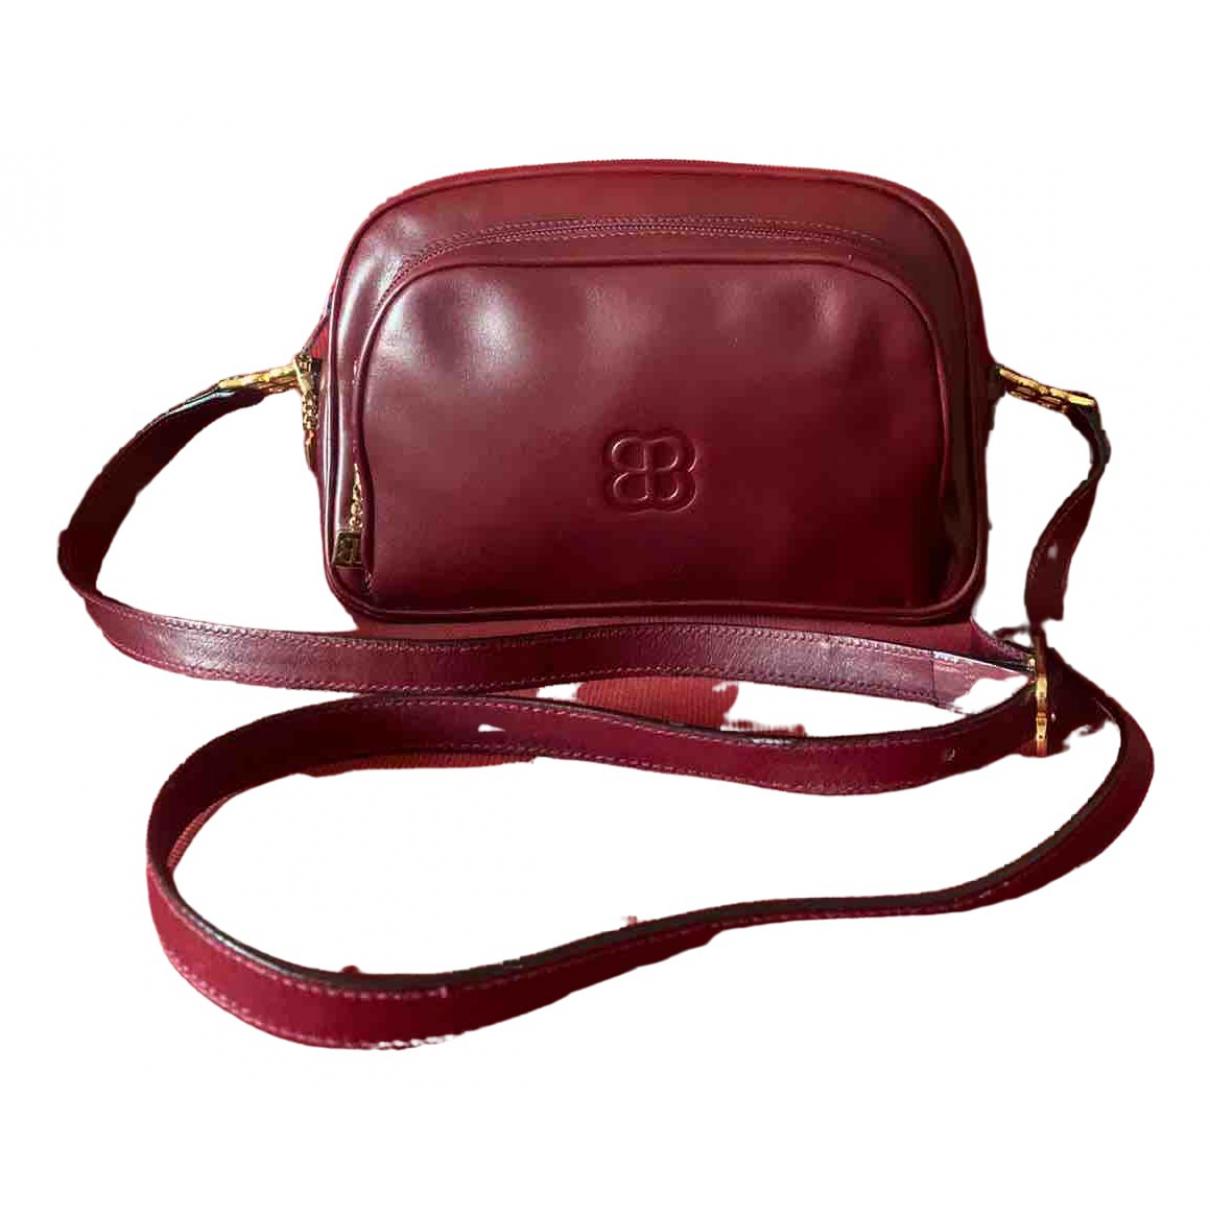 Balenciaga \N Burgundy Leather Clutch bag for Women \N